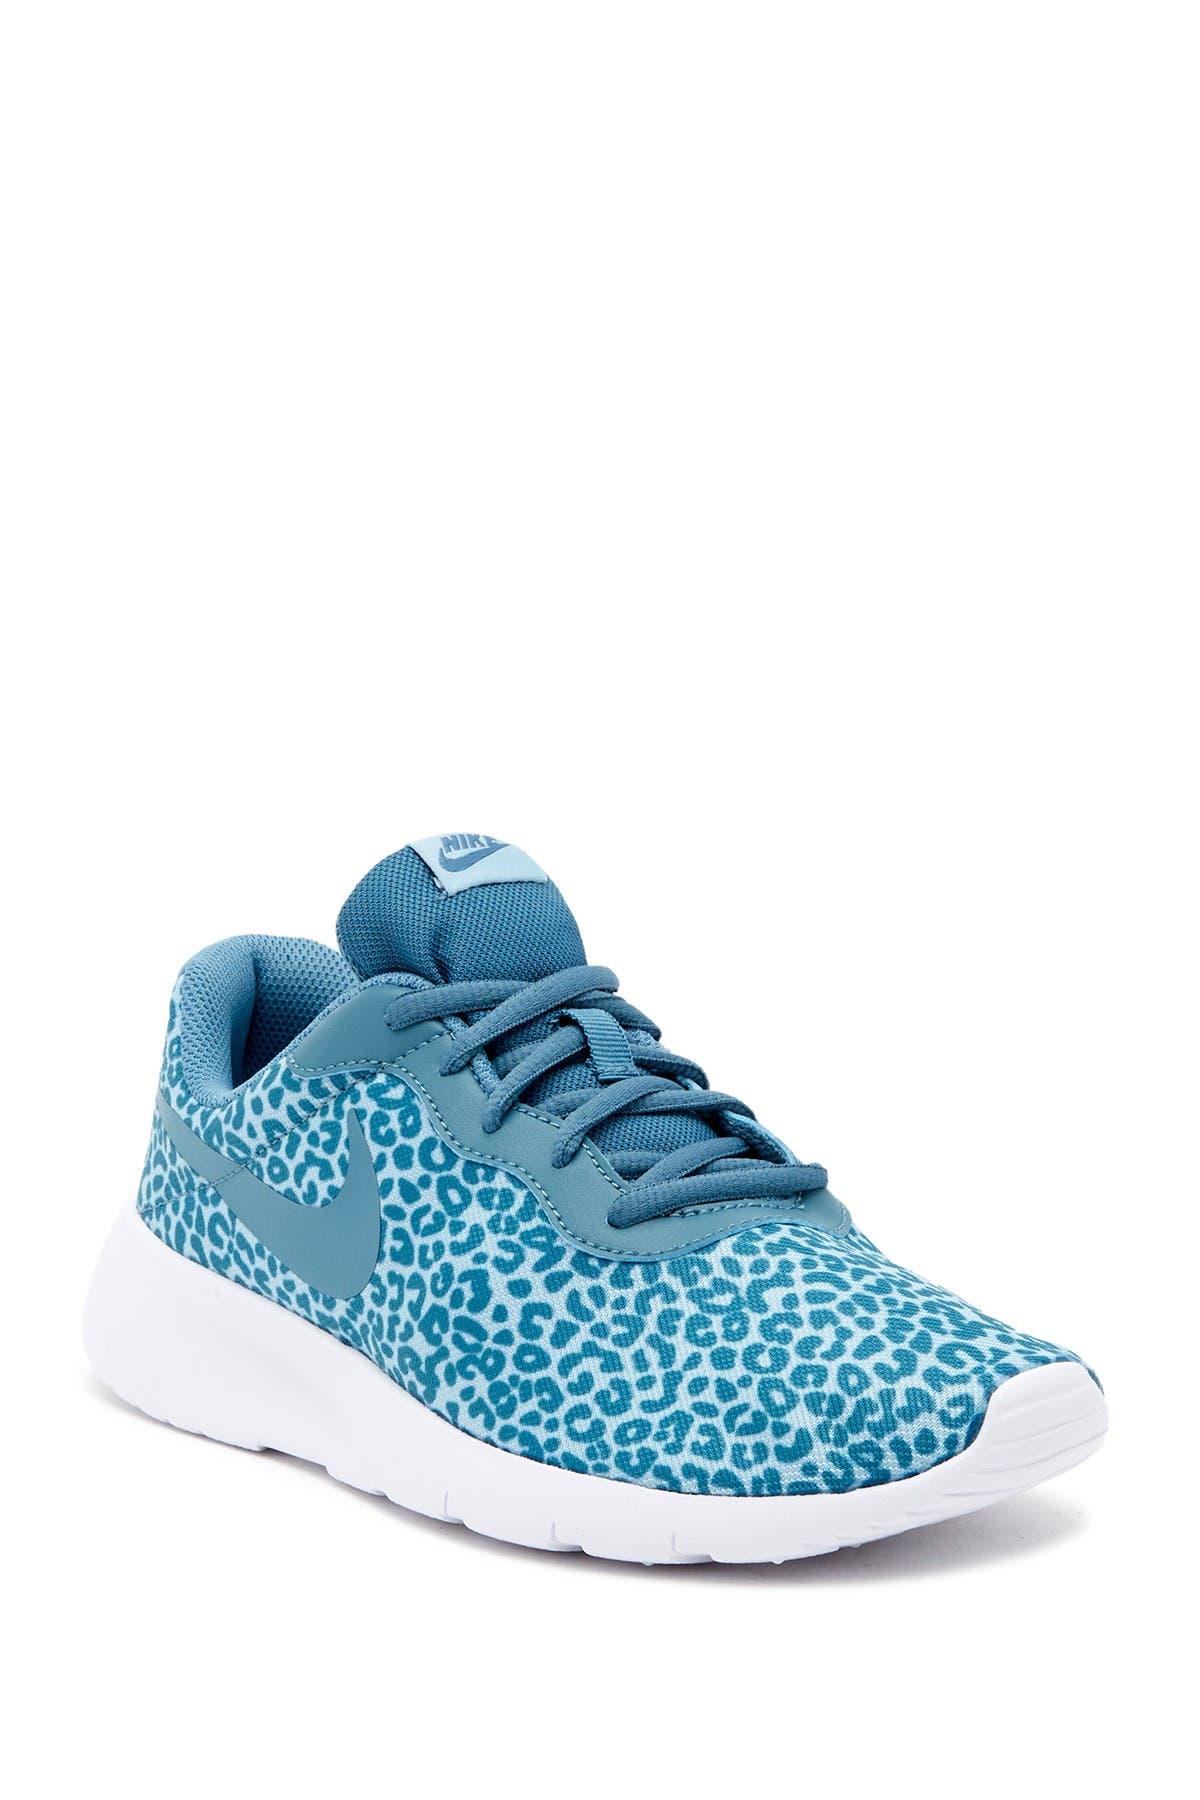 Baskets Gar/çon Nike Tanjun GS